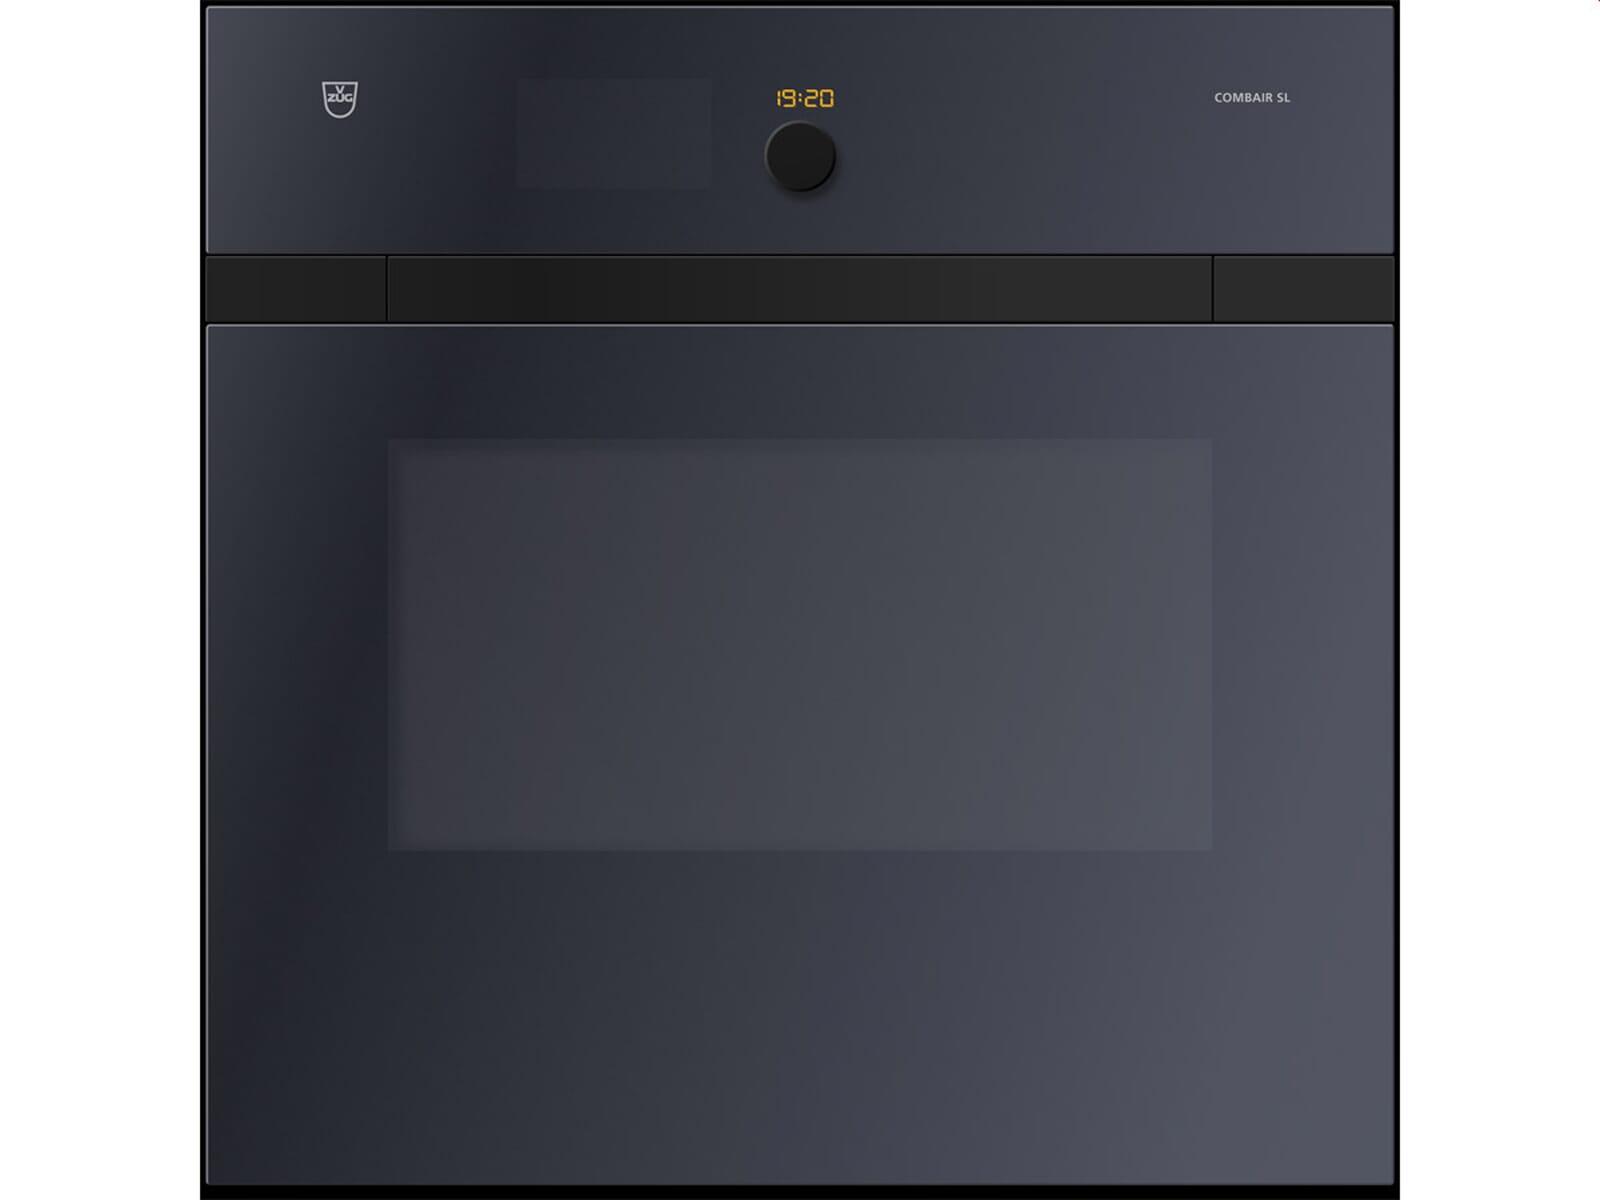 V-ZUG 2109860042 Combair SL Backofen Spiegelglas